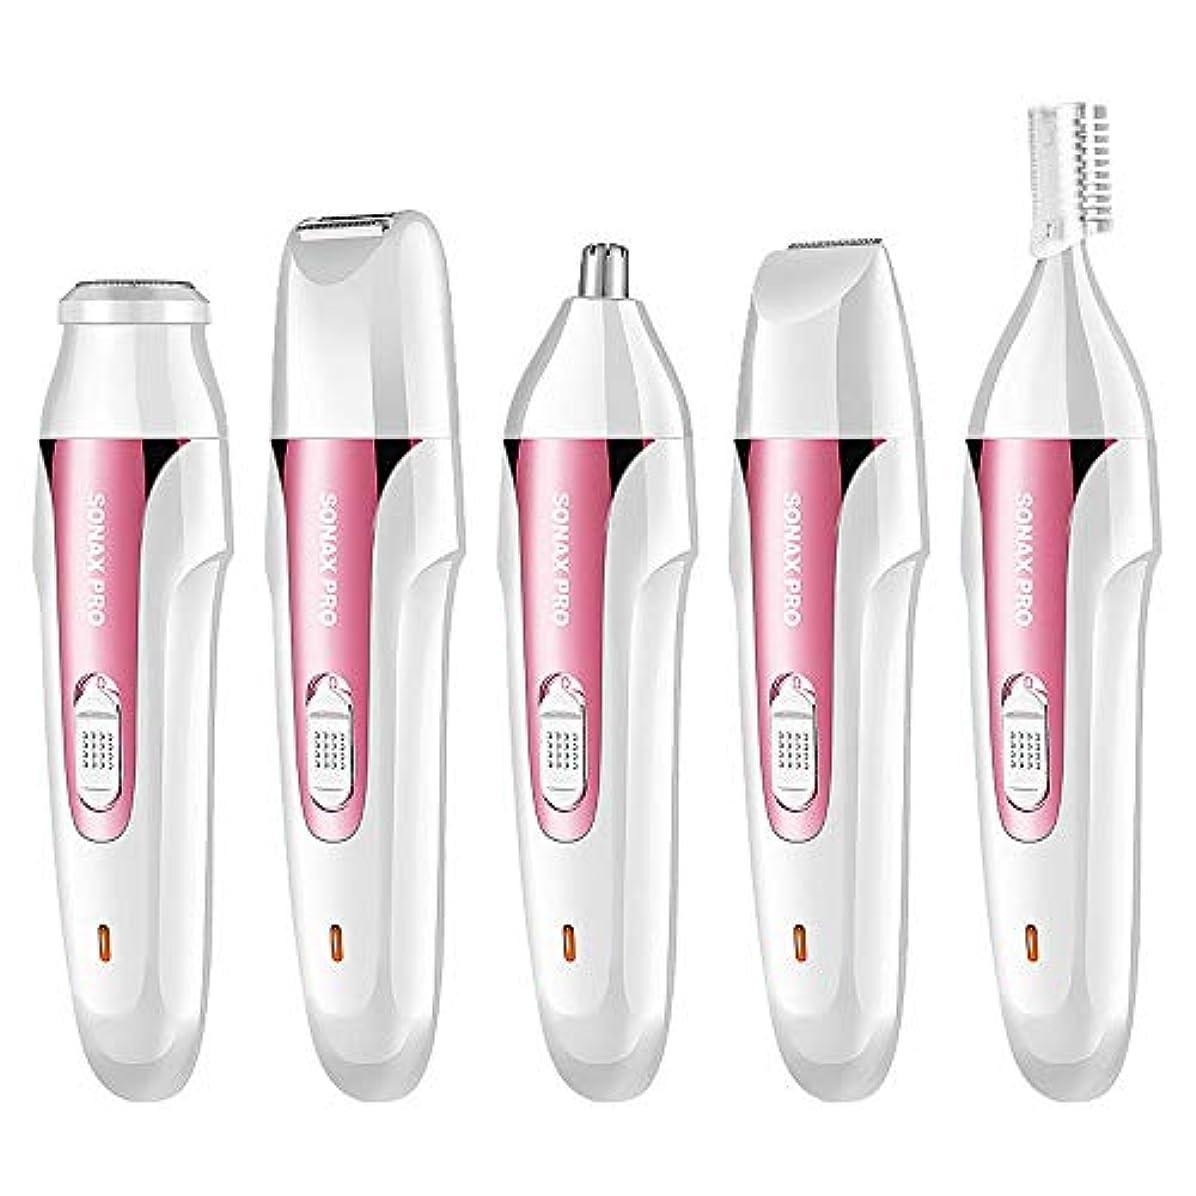 チェス背の高いヤング鼻毛カッター はなげカッター 電気鼻耳トリマー、眉毛トリマー、オールインONEヘアーリムーバー女性、無痛カミソリテクノロジー (Color : Pink, Size : USB)